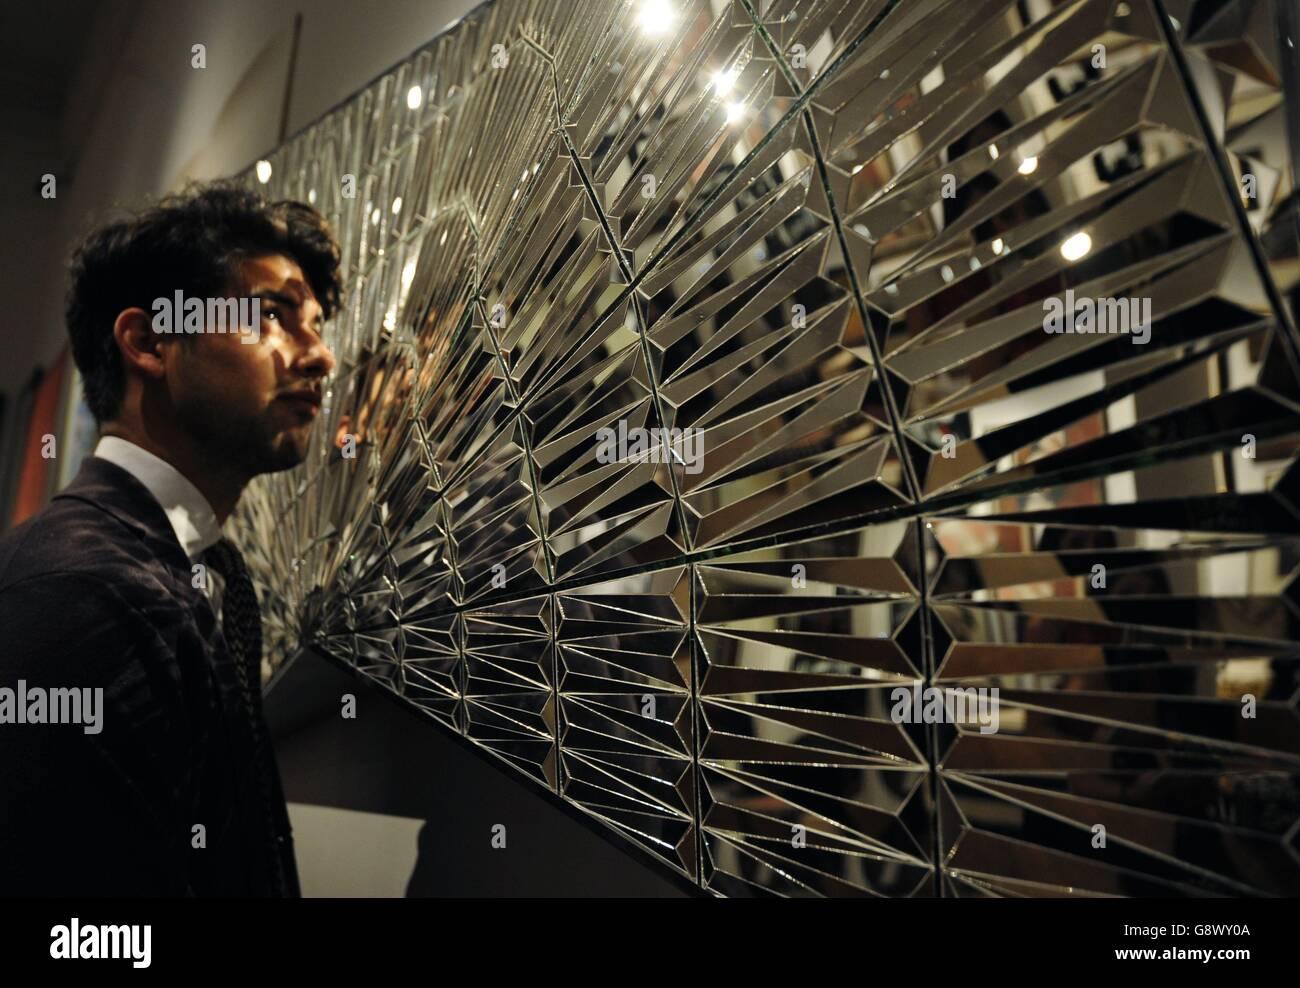 Un empleado de Sotheby examina Untitled (Faravahar Wings, Zaratustra) de Monir Shahroudy Farmanfarmaian, que se calcula entre £100.000 y 120.000 libras esterlinas, durante una llamada fotográfica para su próxima venta de un milenio de arte de Oriente Medio en New Bond Street en Londres. Foto de stock